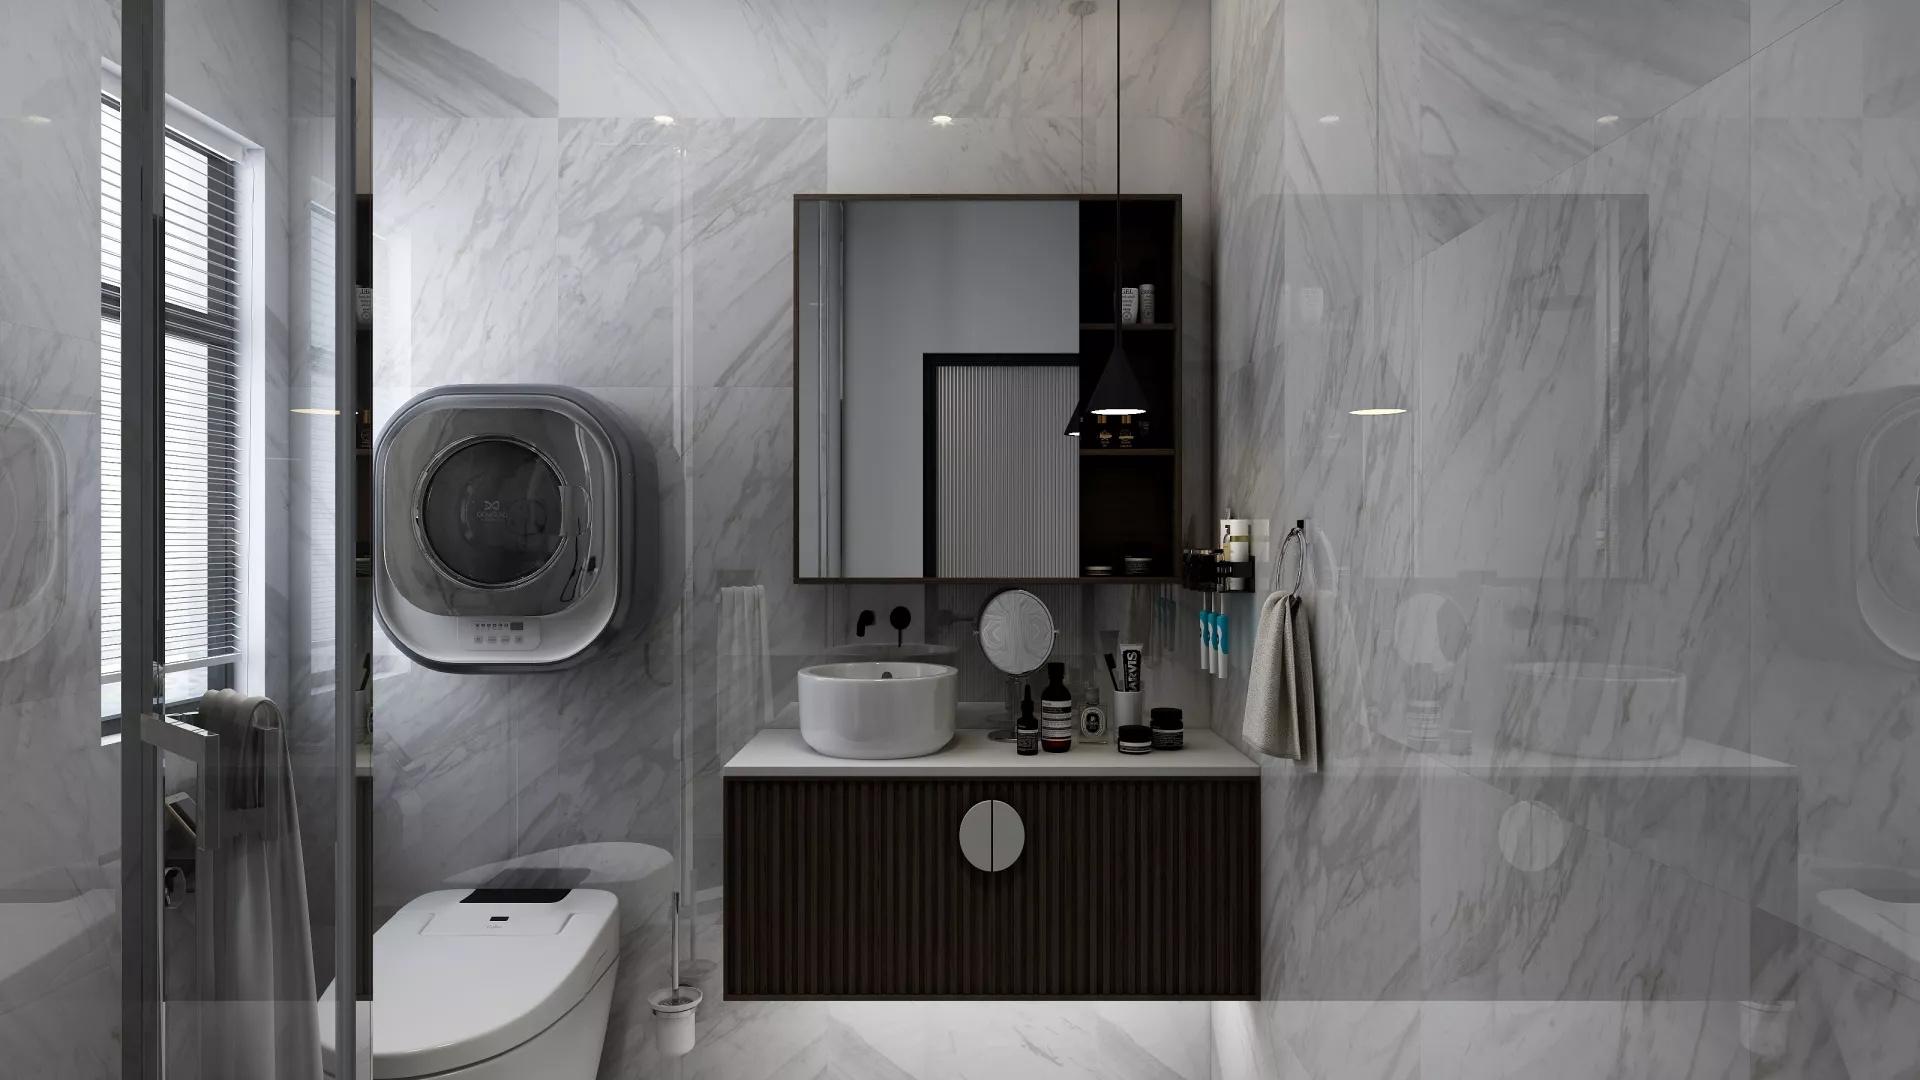 家居室內水管要怎么安裝?家居室內水管安裝要點有哪些?